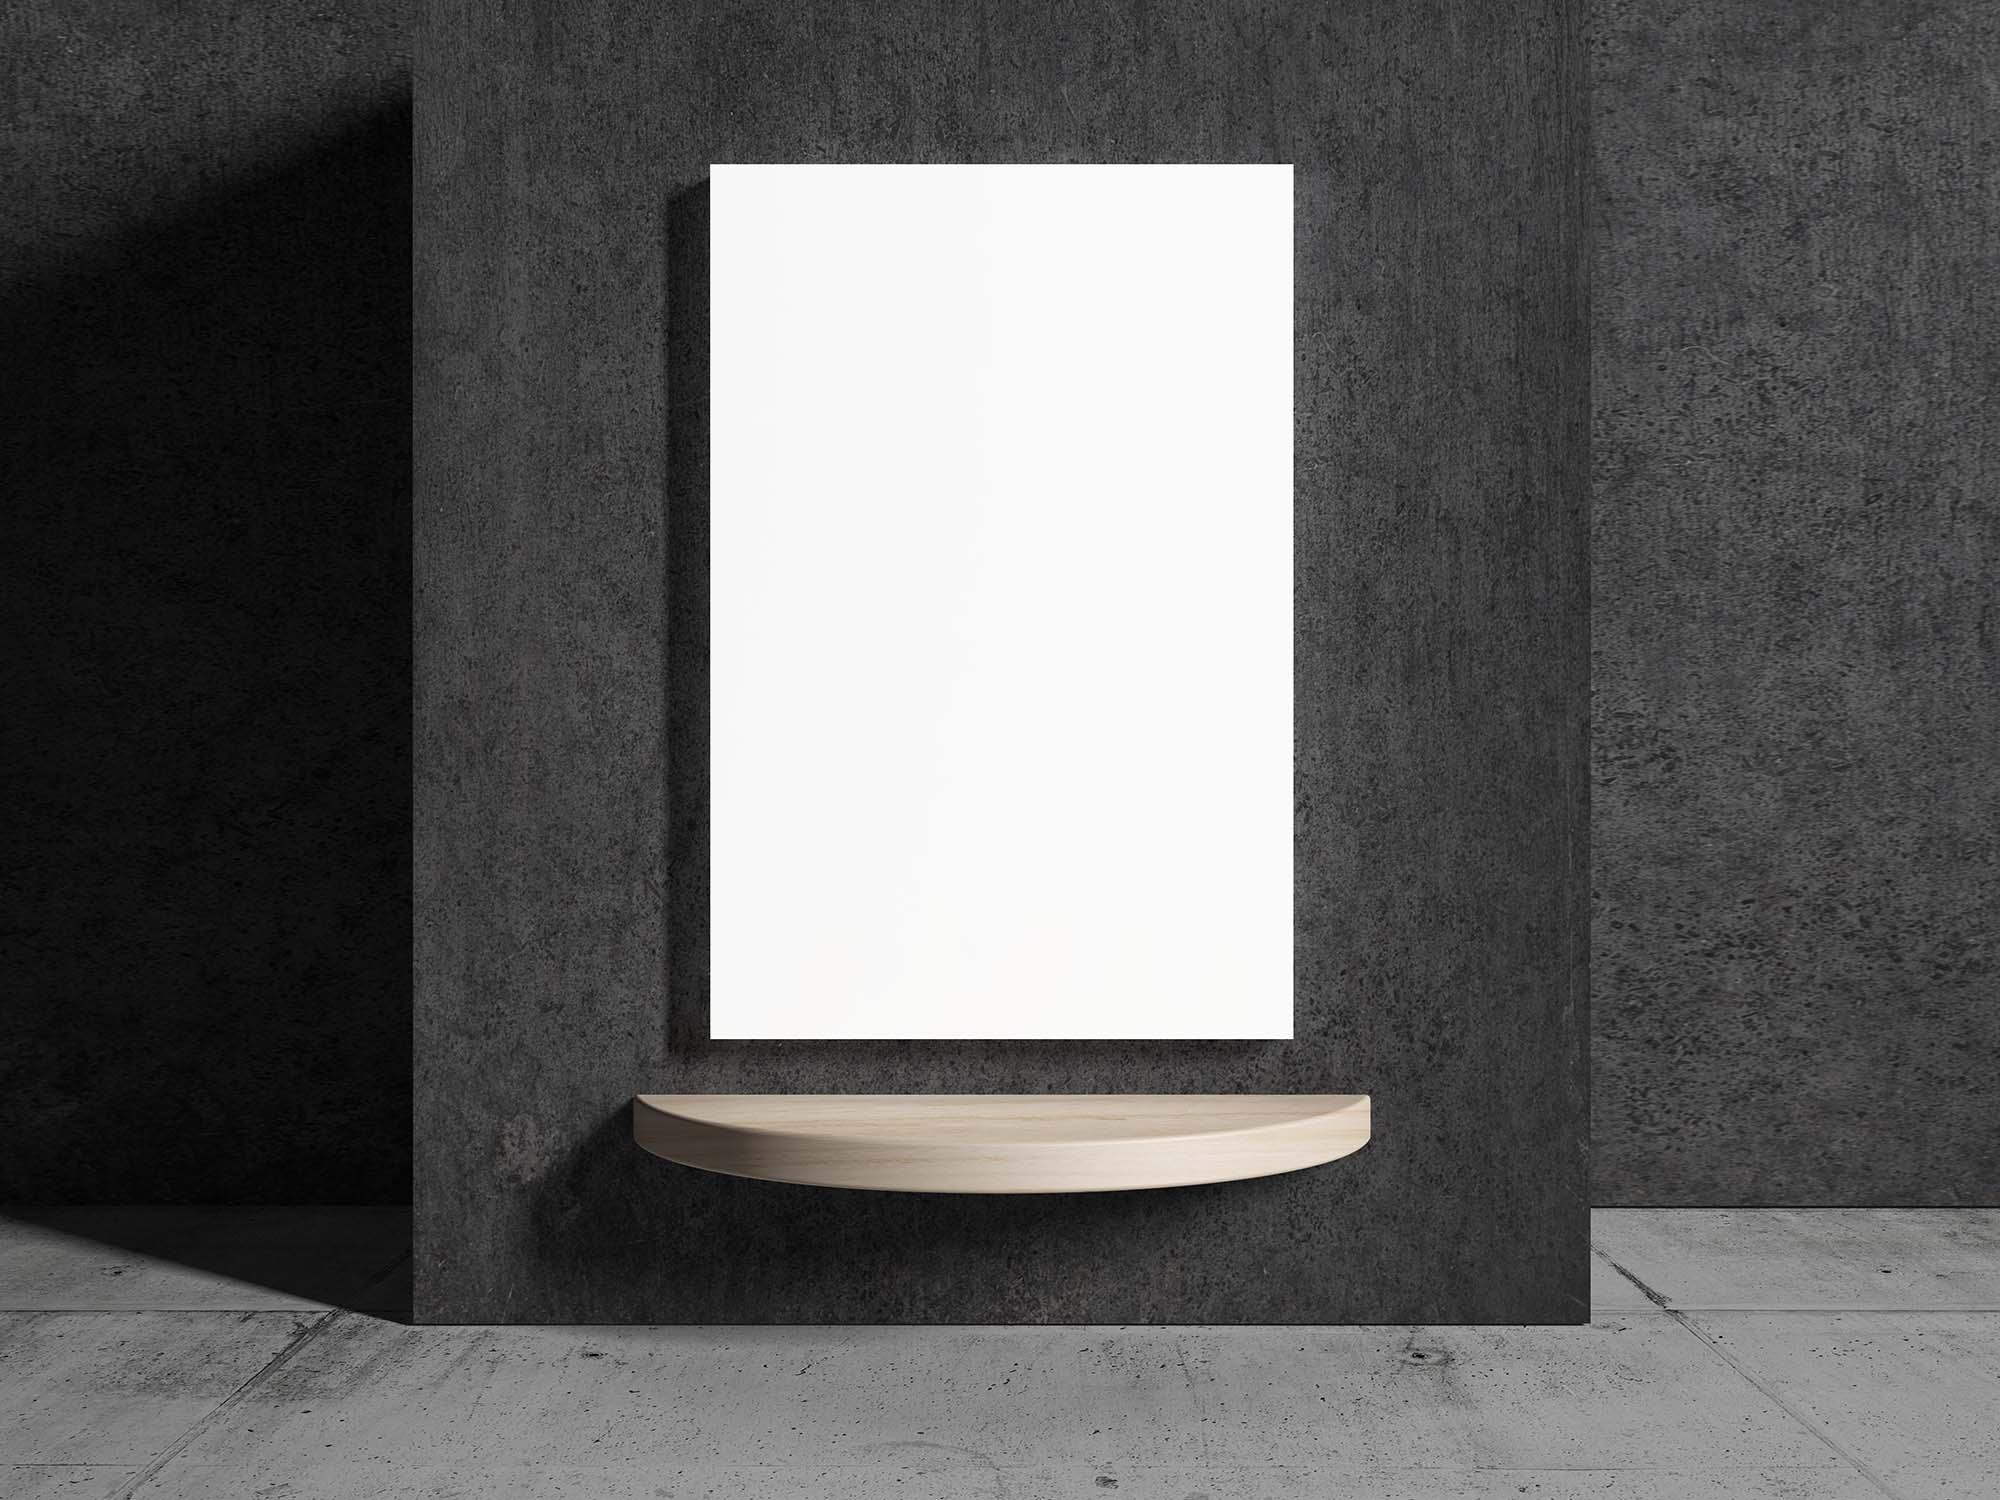 Indoor Concrete Poster Mockup 2